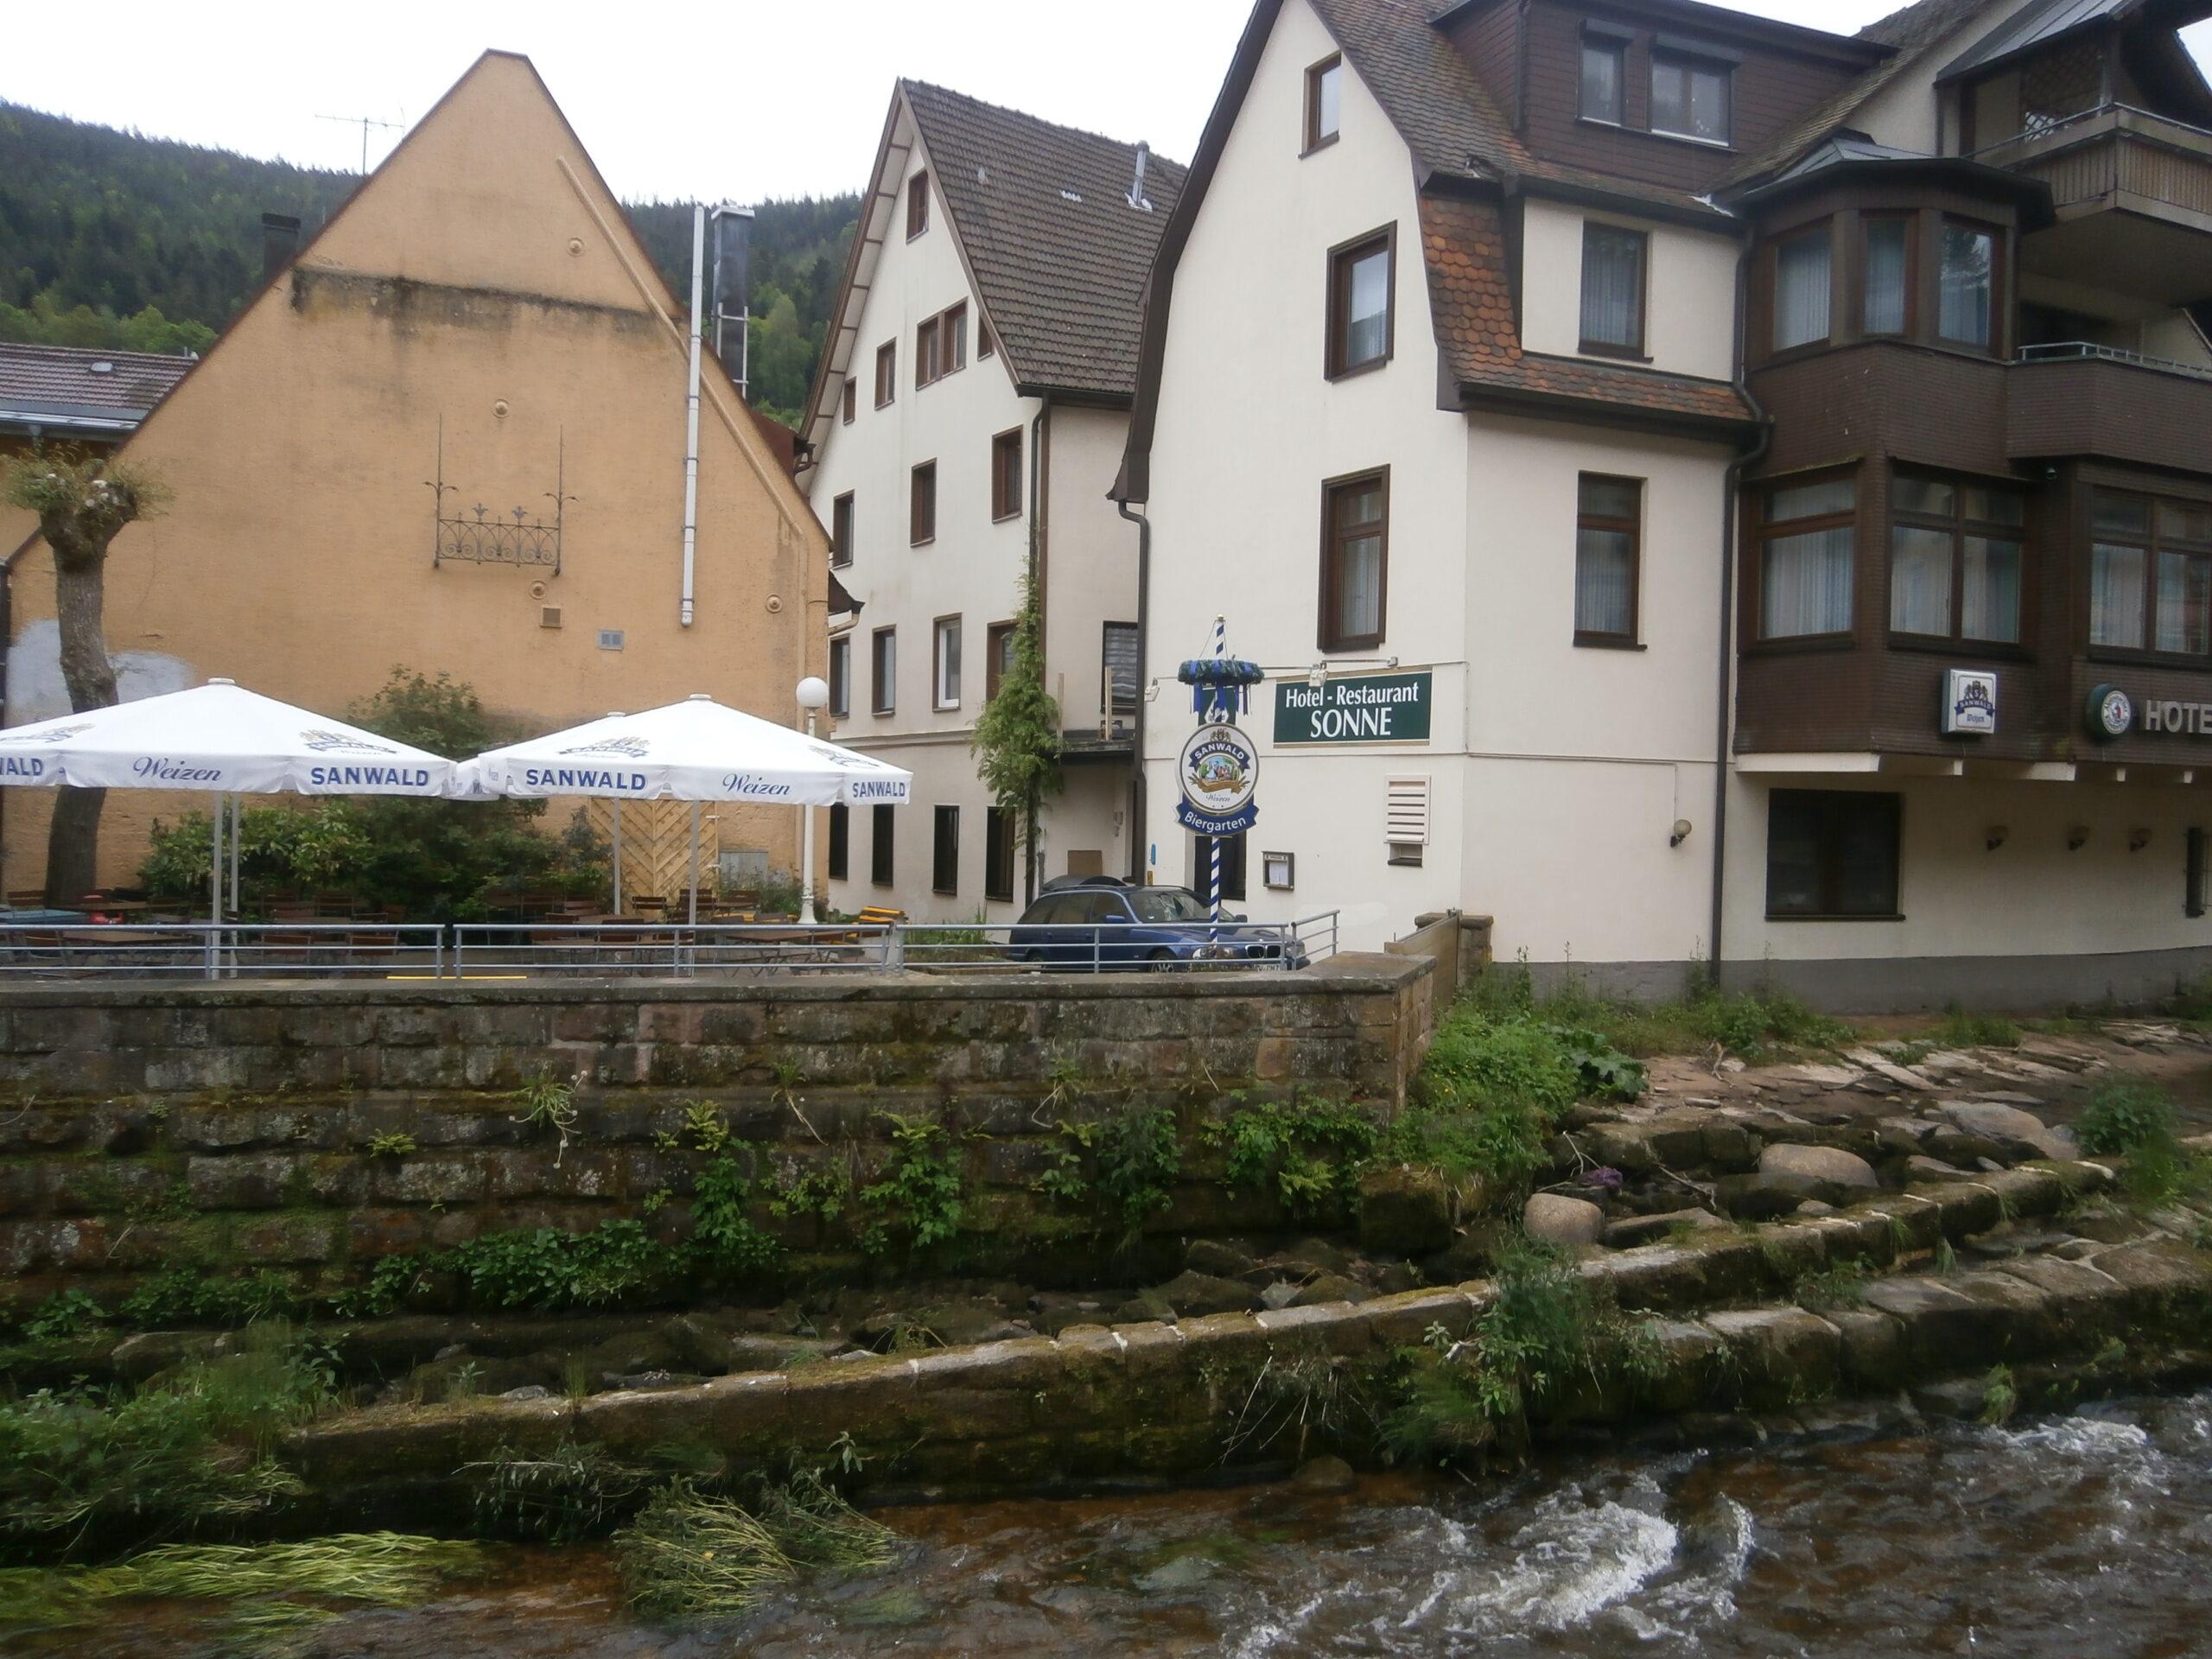 Full Size of Hotel Restaurant Sonne 75323 Bad Wildbad Adresse Telefon Badezimmer Teppich Led Deckenleuchte Kreuznach Hotels In Neuenahr Birnbach Urach Deko Badeöl Saarow Bad Bad Wildbad Hotel